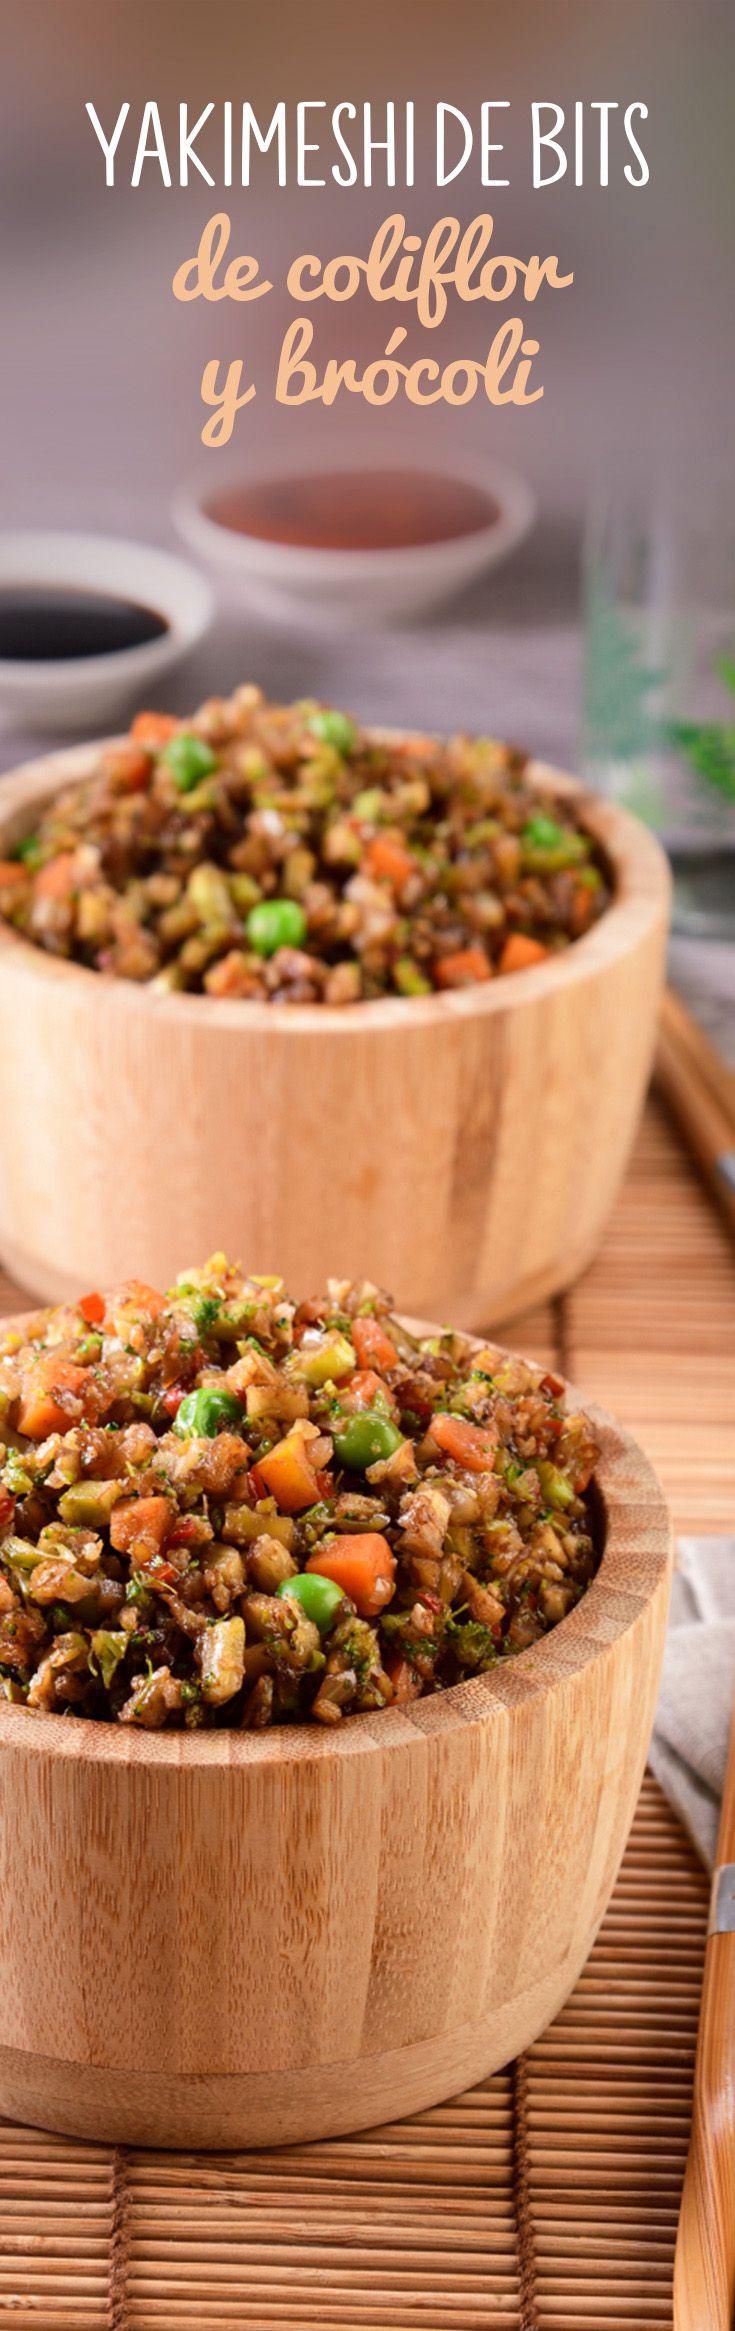 Yakimeshi de coliflor y brócoli oriental. Una receta vegetariana o para dietas que te quitará el antojo de arroz